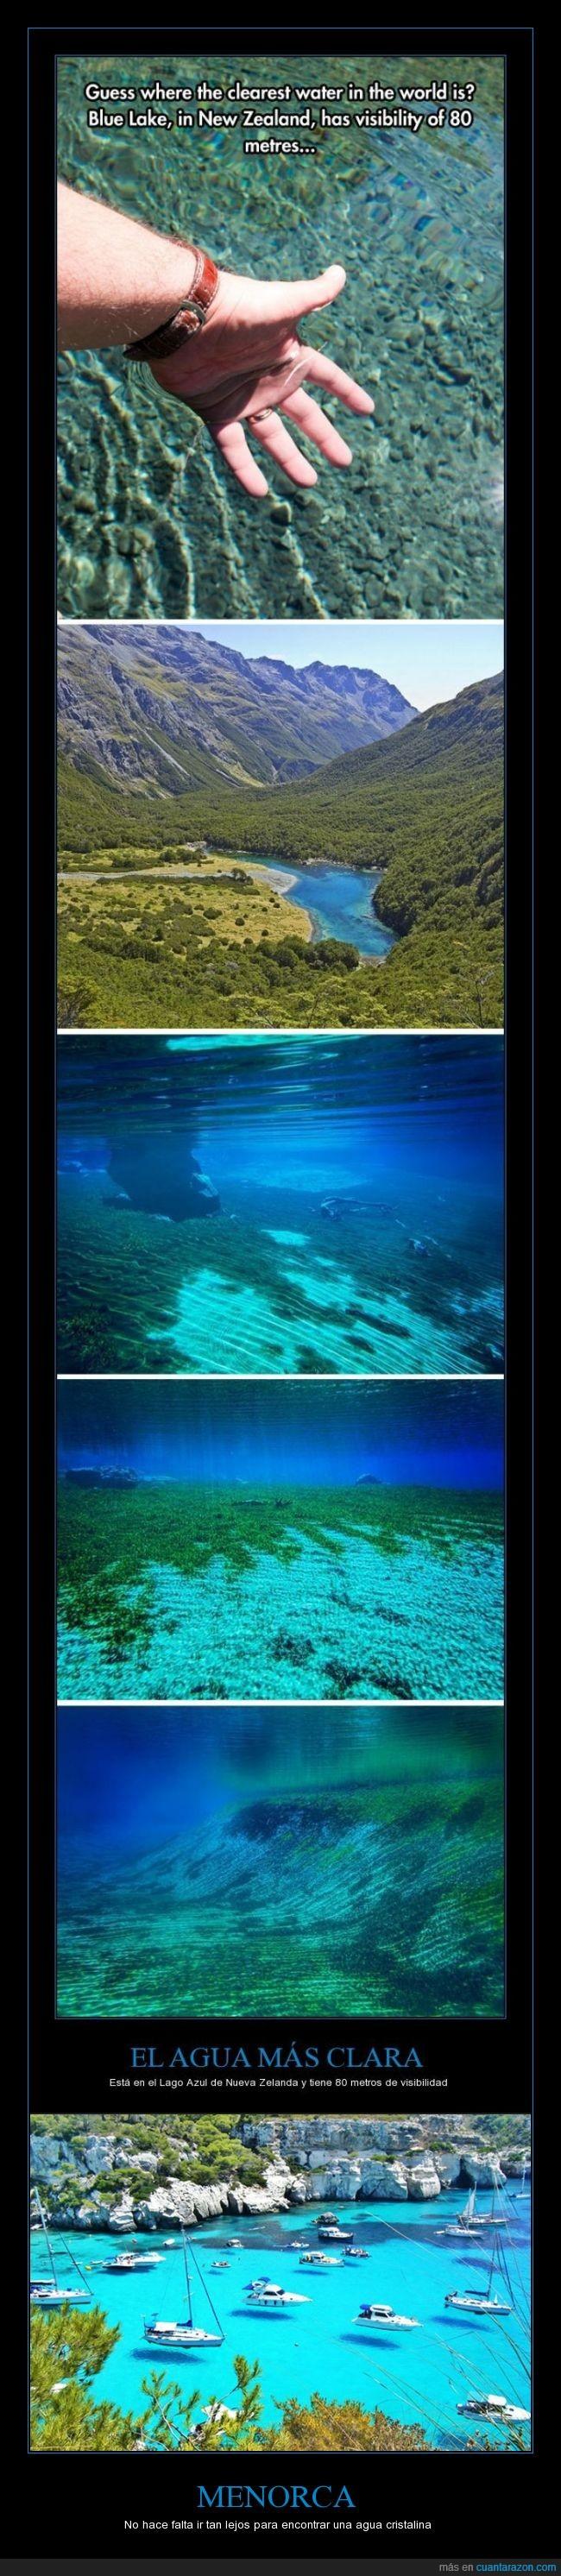 agua,cristalina,lago,menorca,playa